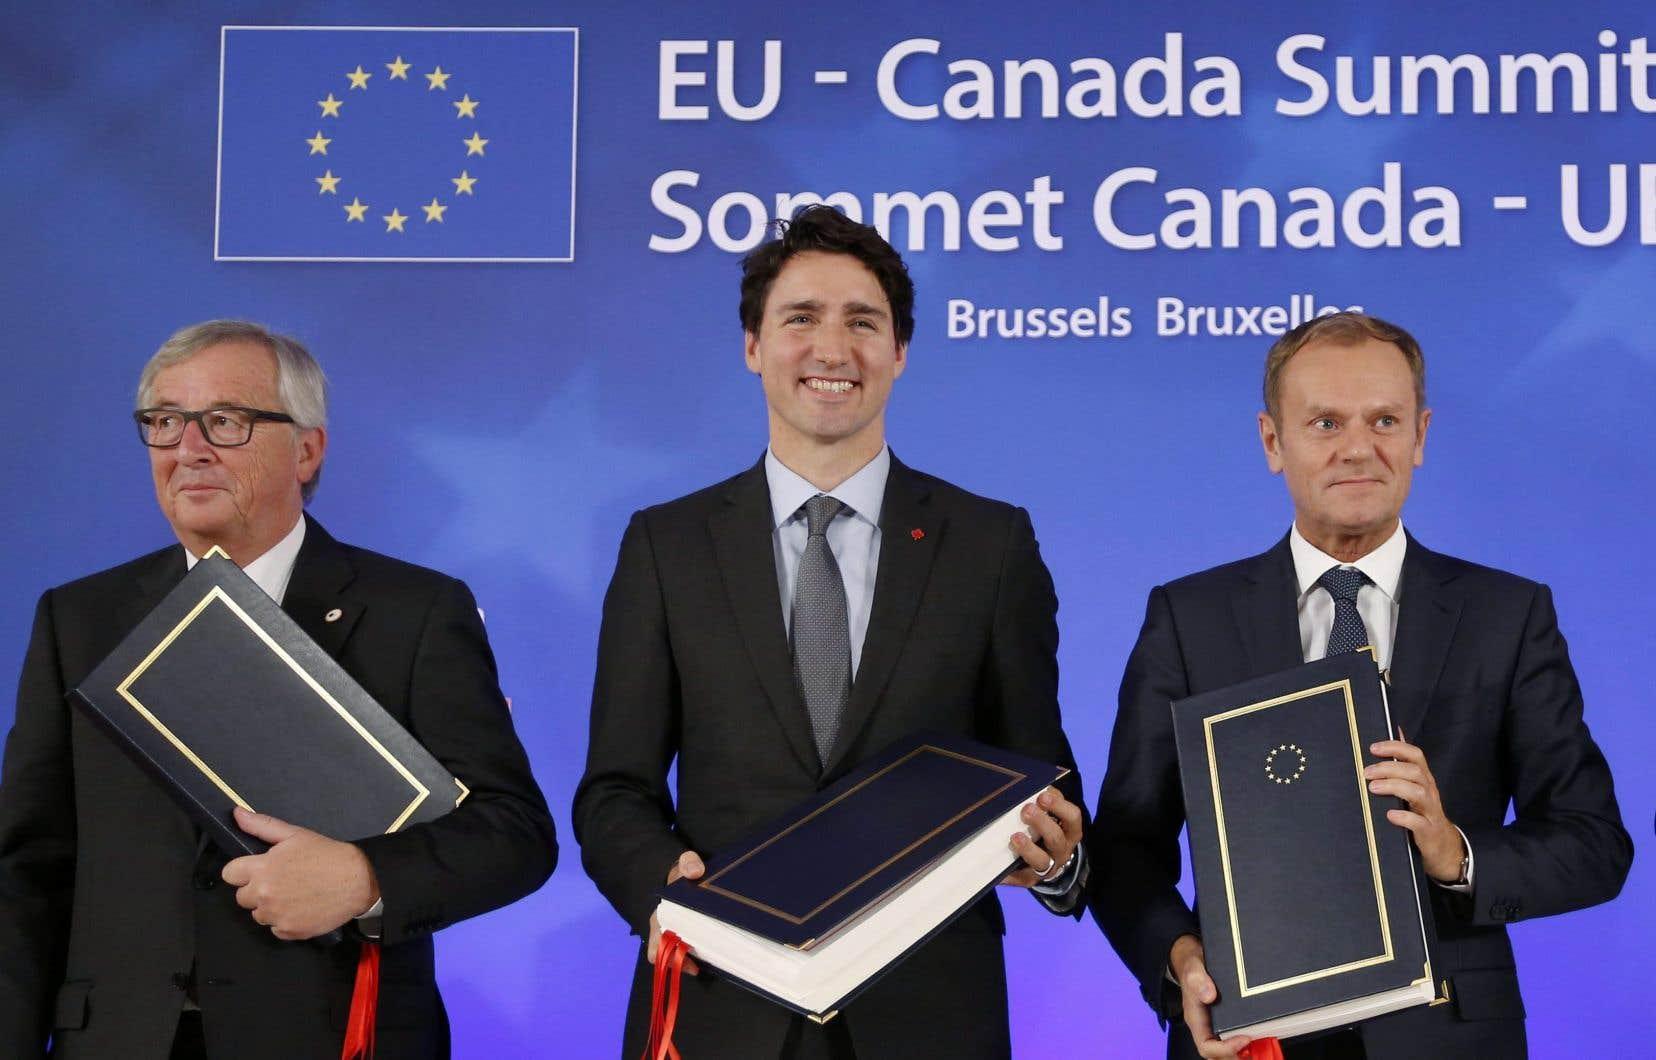 «L'AECG s'inscrit ainsi dans la tendance globale de multiplication des engagements environnementaux dans les accords de commerce», affirme l'auteure.